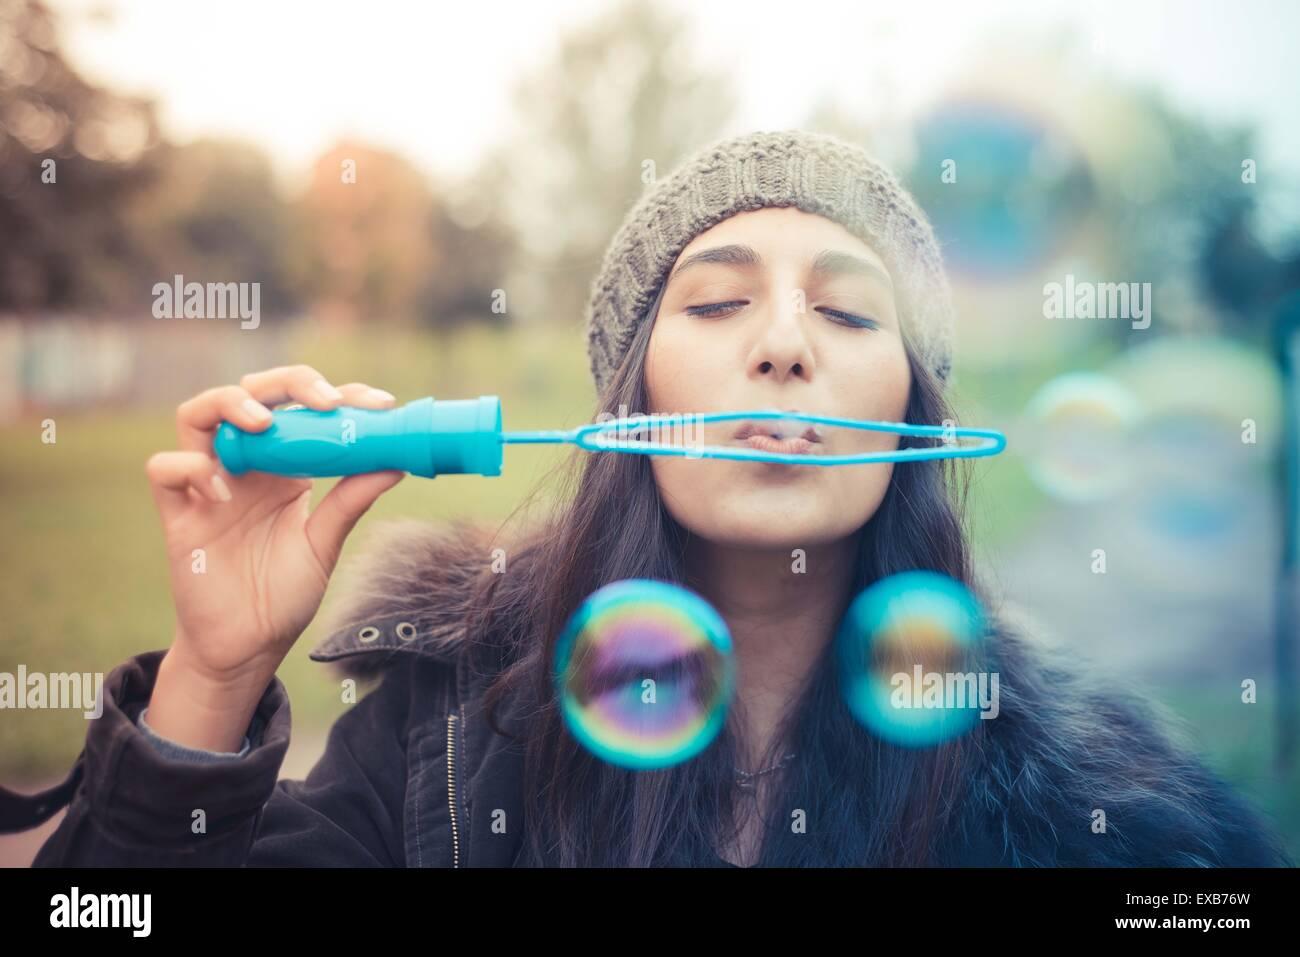 junge schöne Brünette Frau bläst Luftblasen Seife in der Stadt Stockbild